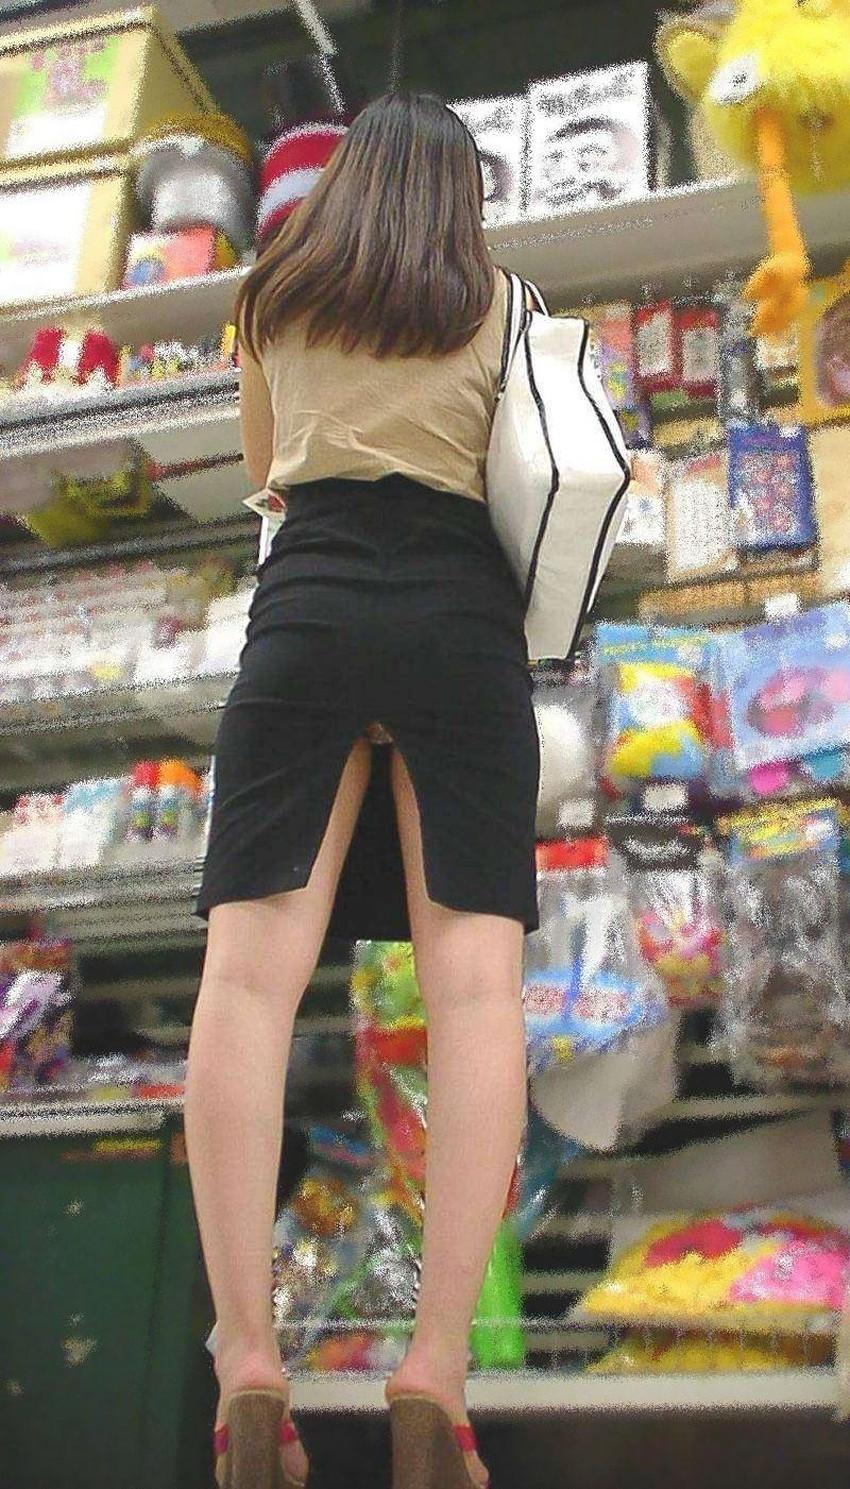 【スリットパンチラエロ画像】タイトスカートの美脚お姉さんのスリットから見えるパンチラが堪らないスリットパンチラのエロ画像集!w【80枚】 36